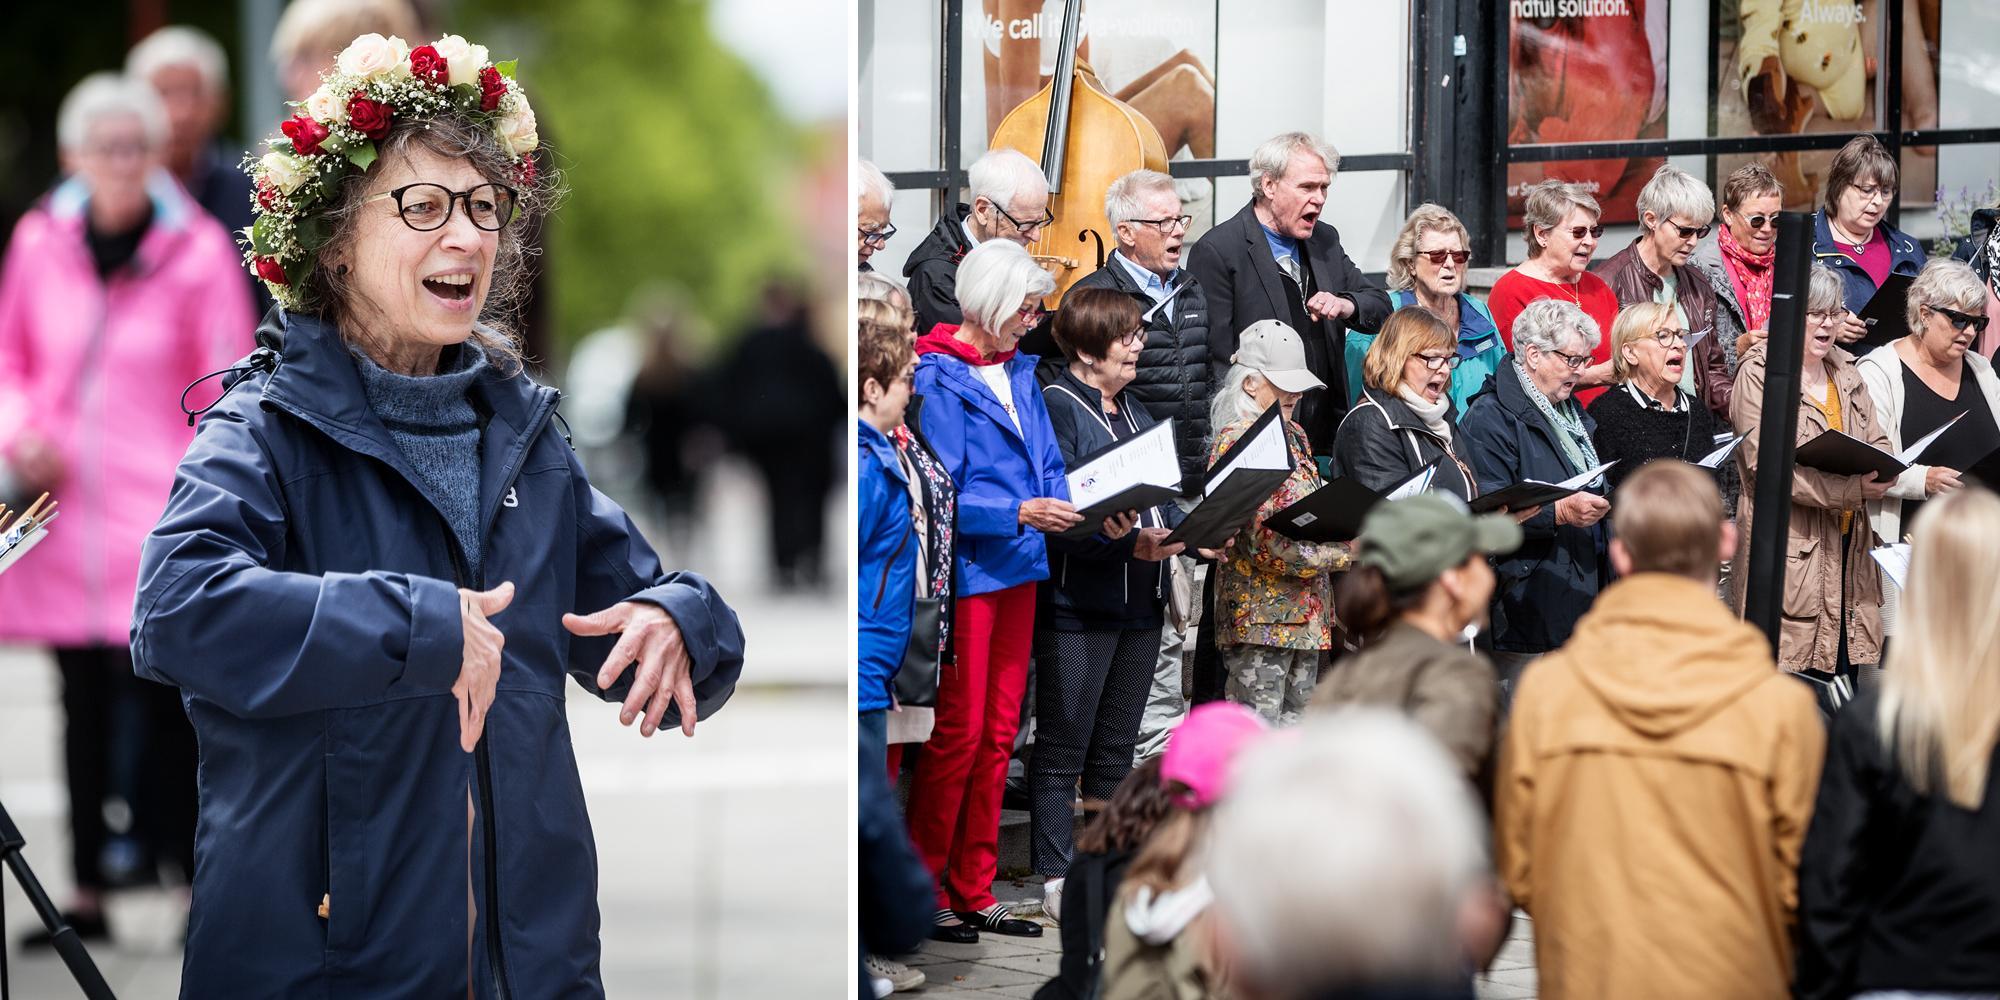 BILDEXTRA: Körfesten intog Avesta centrum